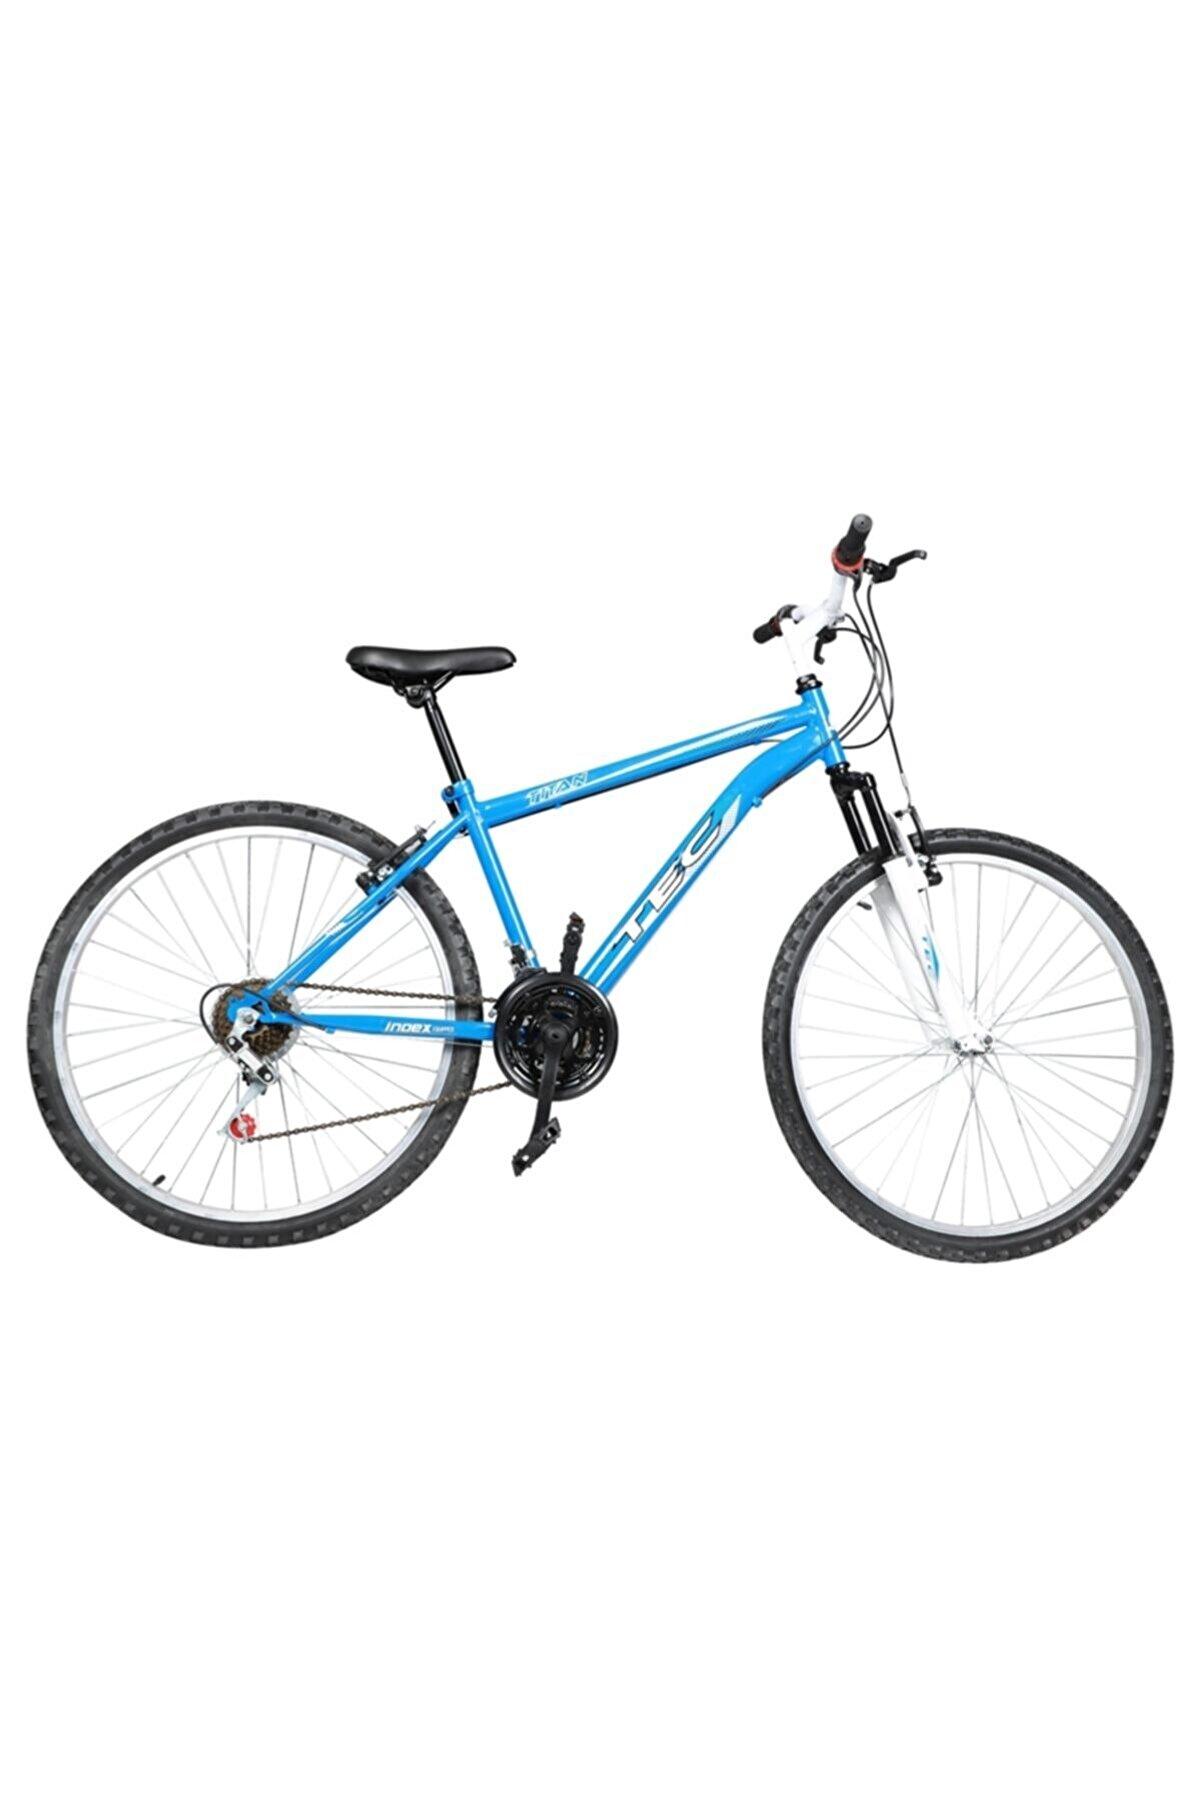 Pexma Bisiklet 26 Jant Amortisörsüz